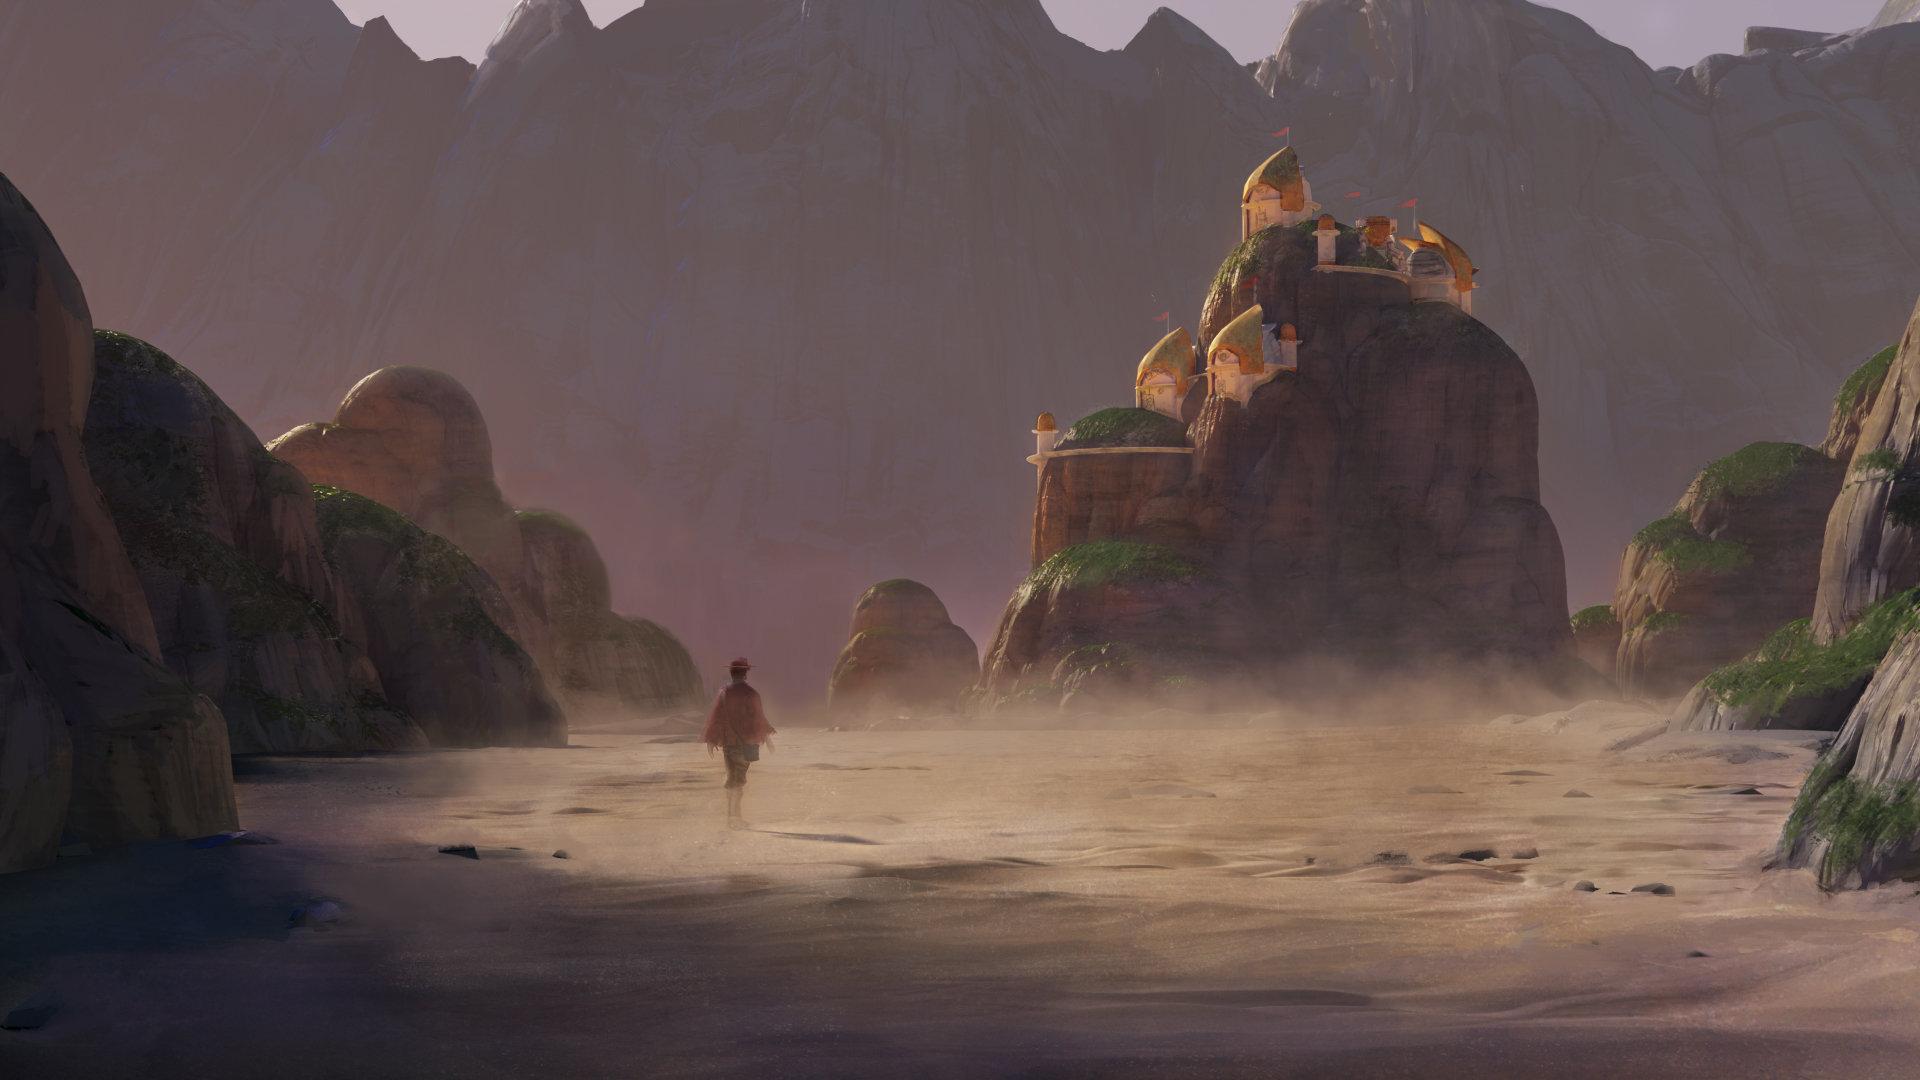 Shaun absher landscape v01 01